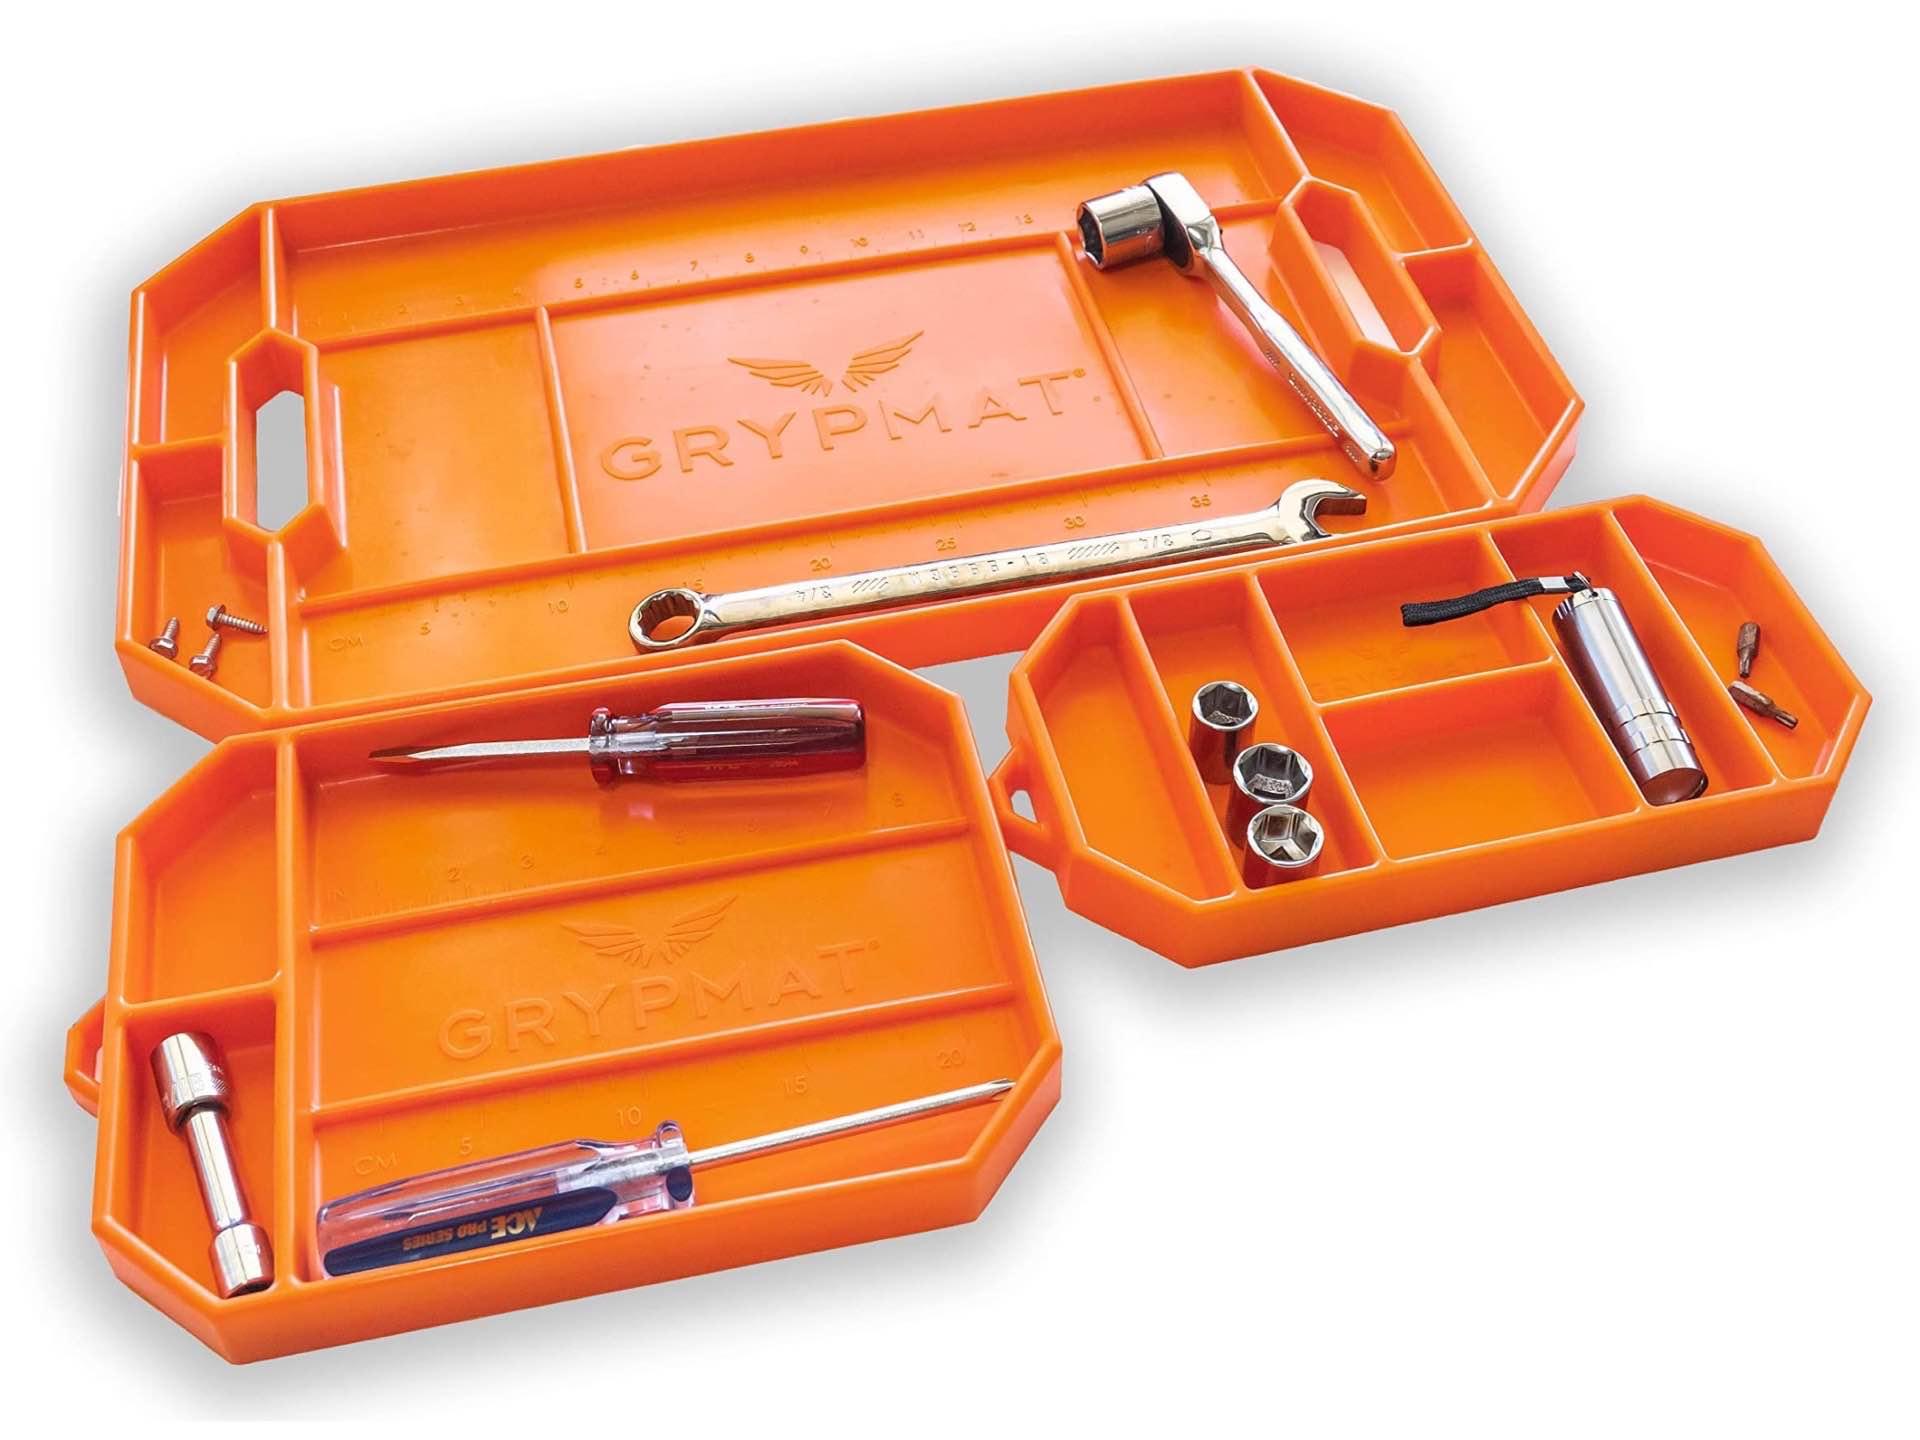 grypmat-pro-grippy-flexible-tool-trays